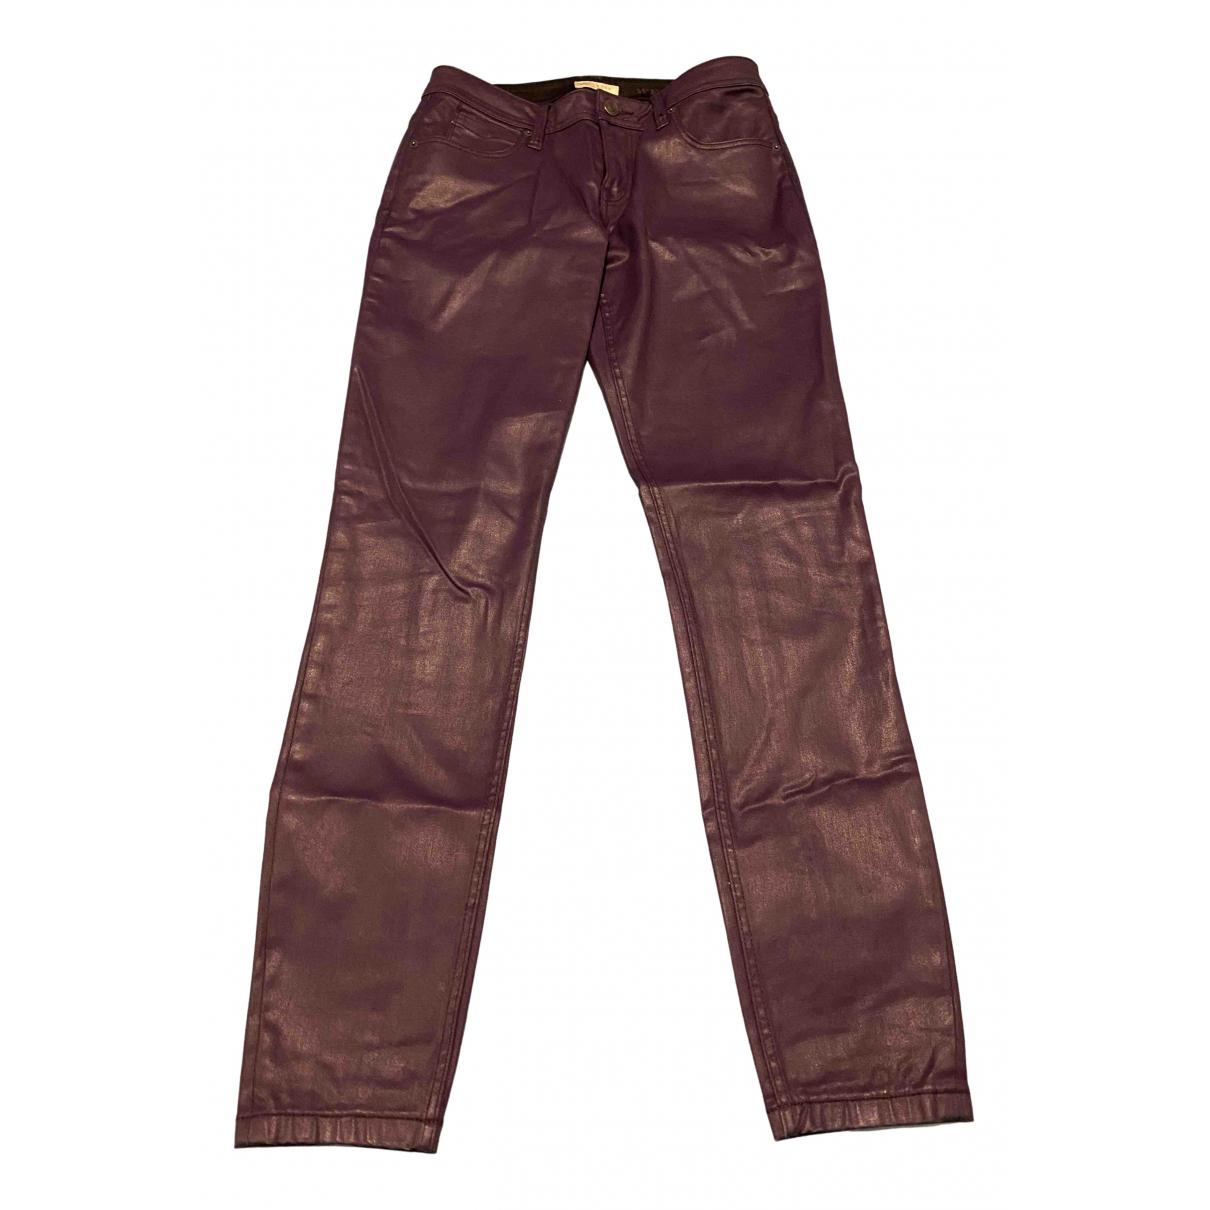 Pantalon recto Burberry